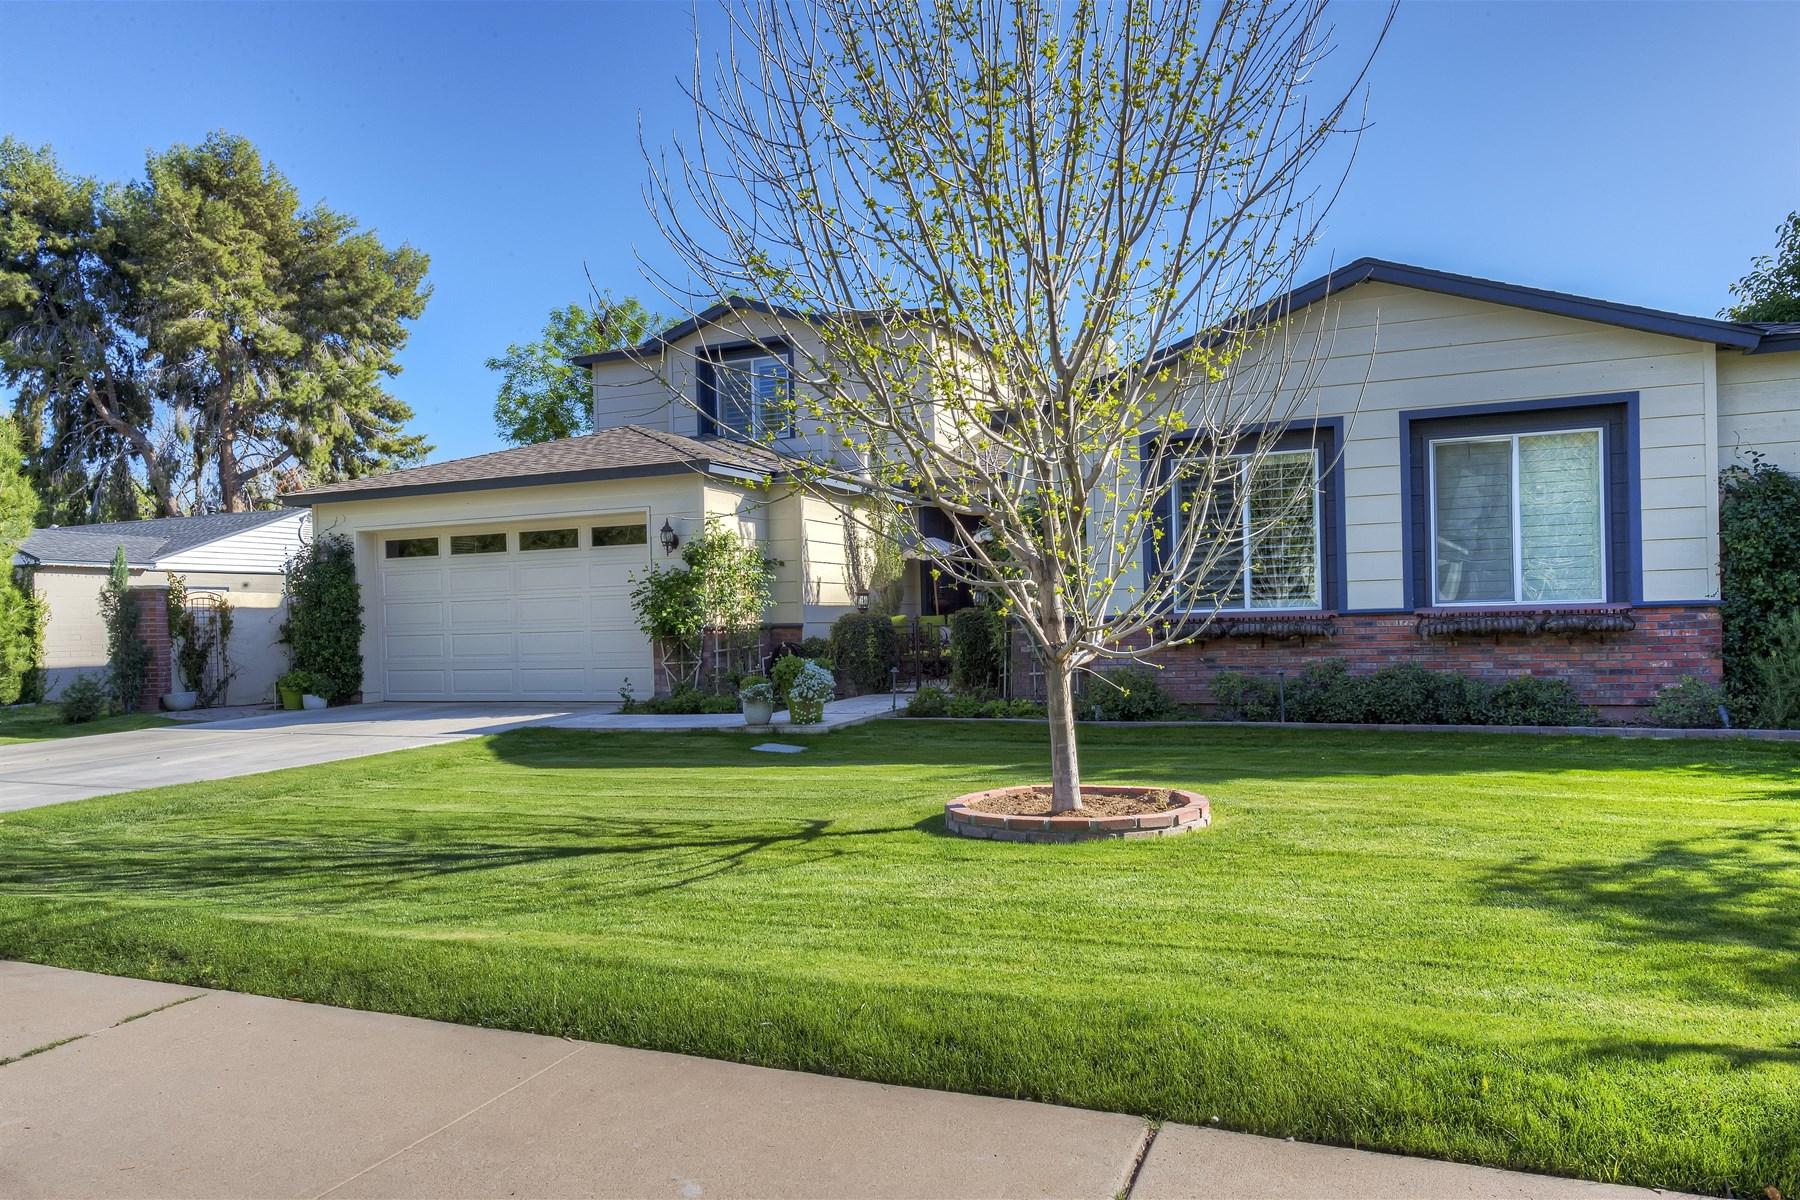 Maison unifamiliale pour l Vente à Fabulous Central Phoenix Home 327 W San Juan Ave Phoenix, Arizona 85013 États-Unis